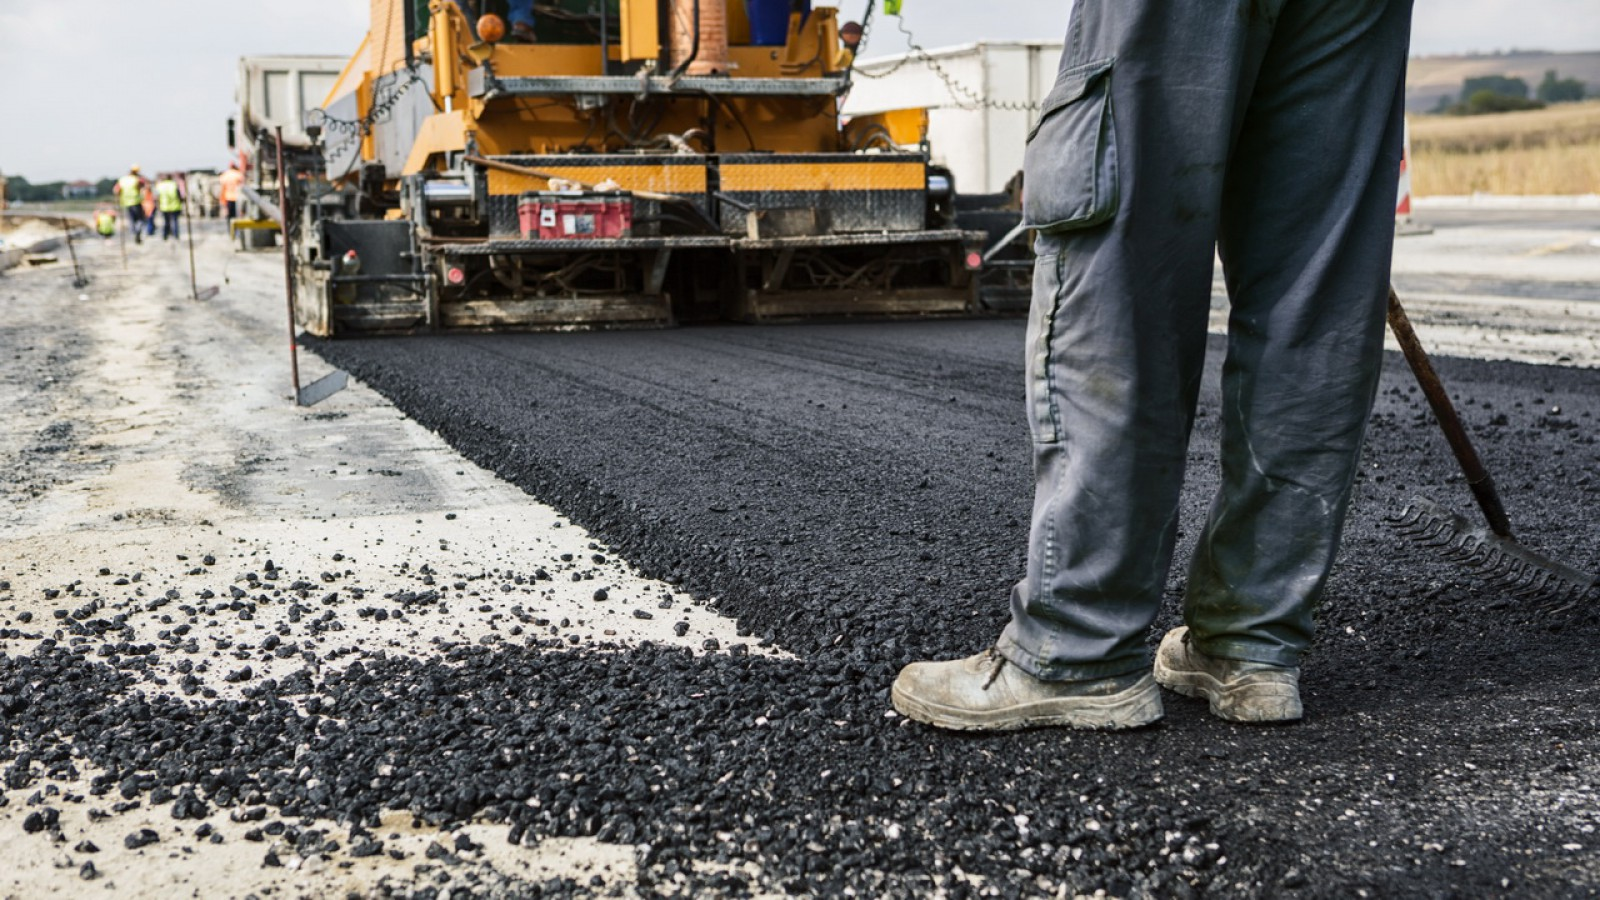 Circa 80 de km de drumuri locale vor intra în reparaţii după mijlocul lui 2018. Iată unde se va interveni